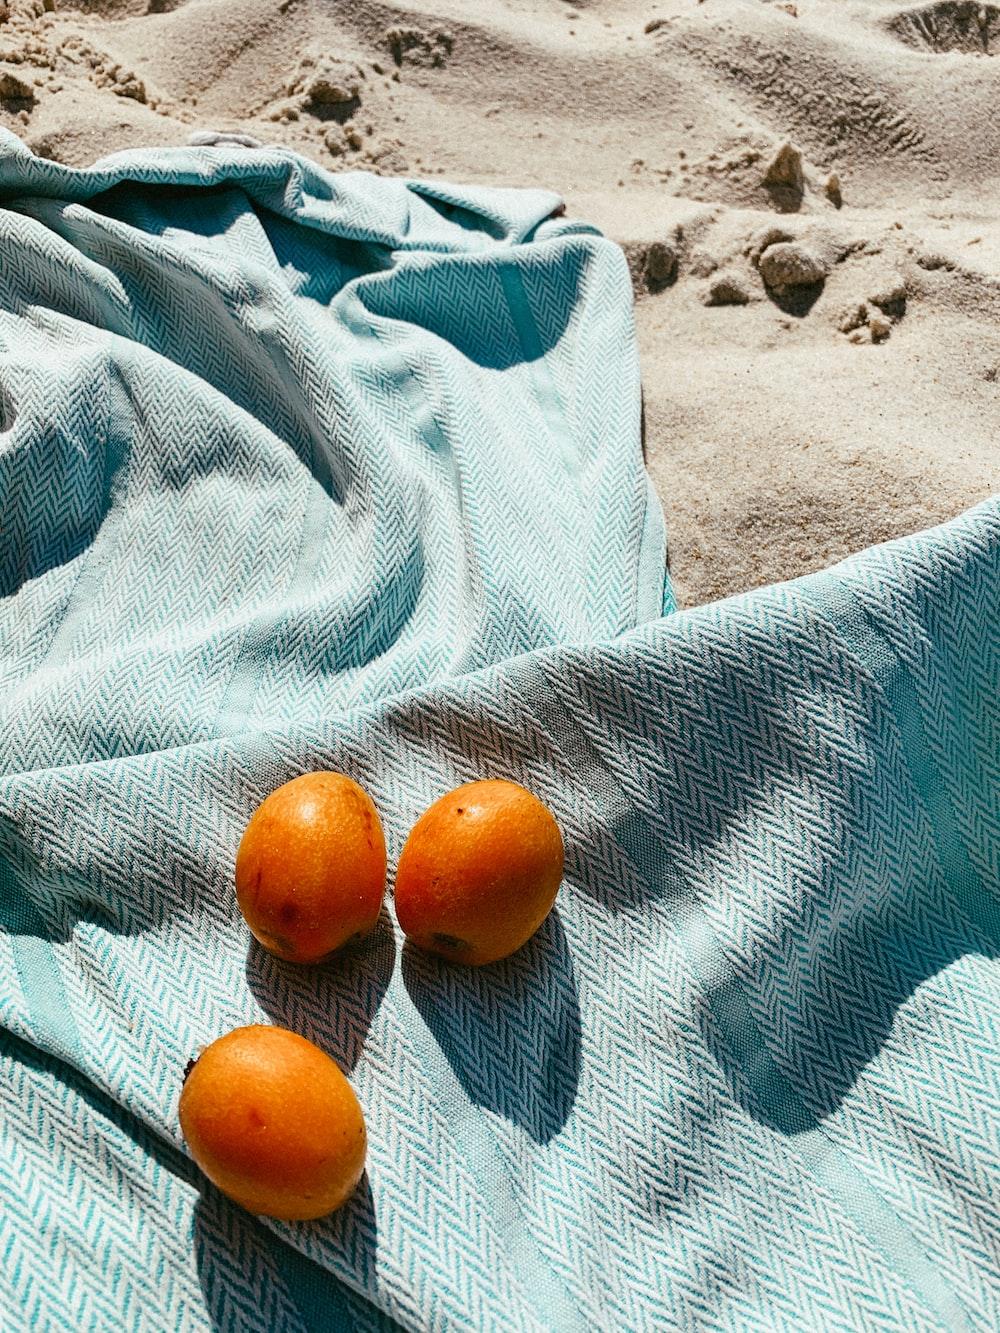 orange fruit on blue textile